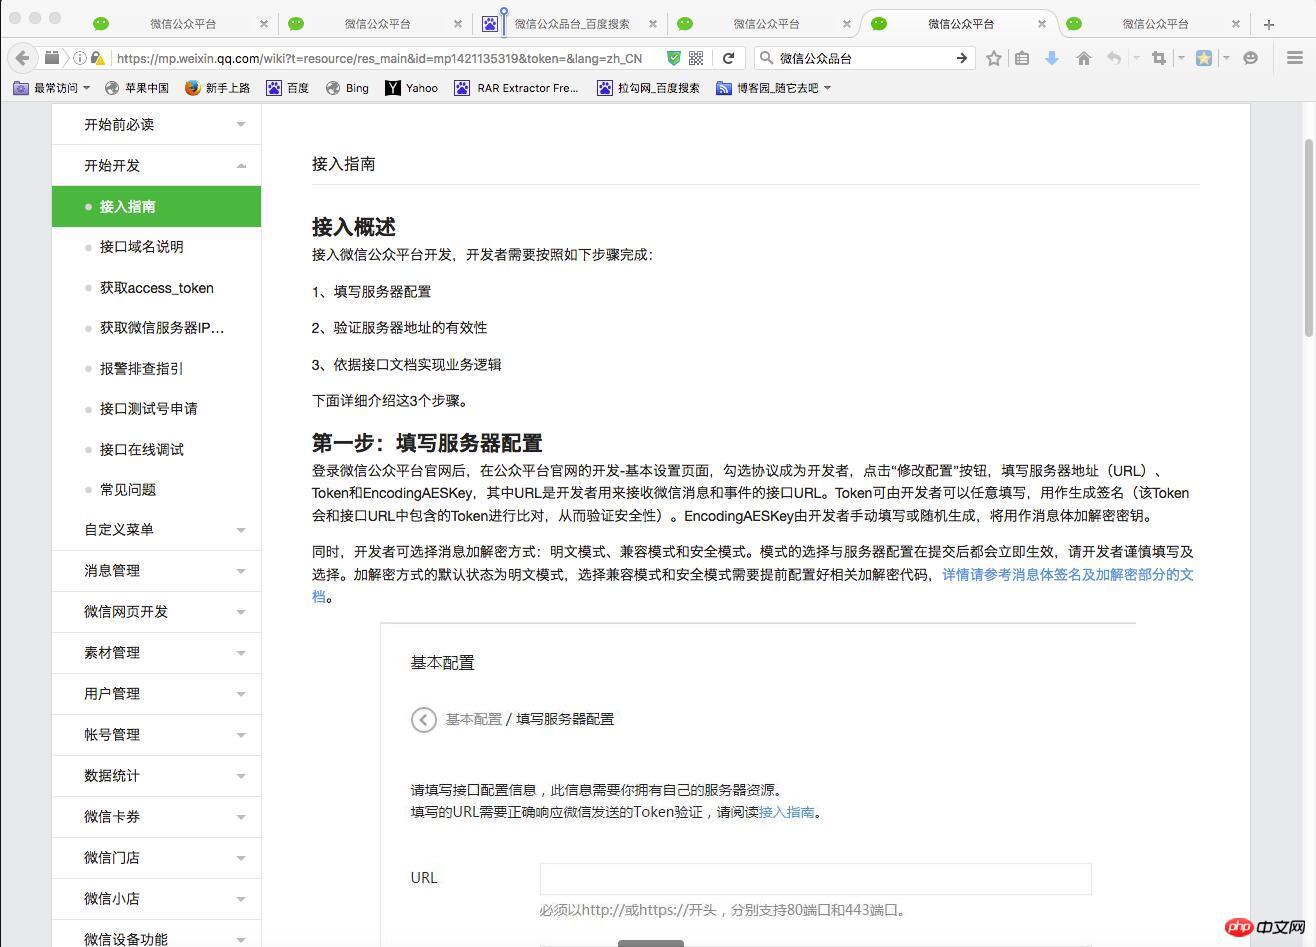 使用php开发微信公众平台配置接口程序